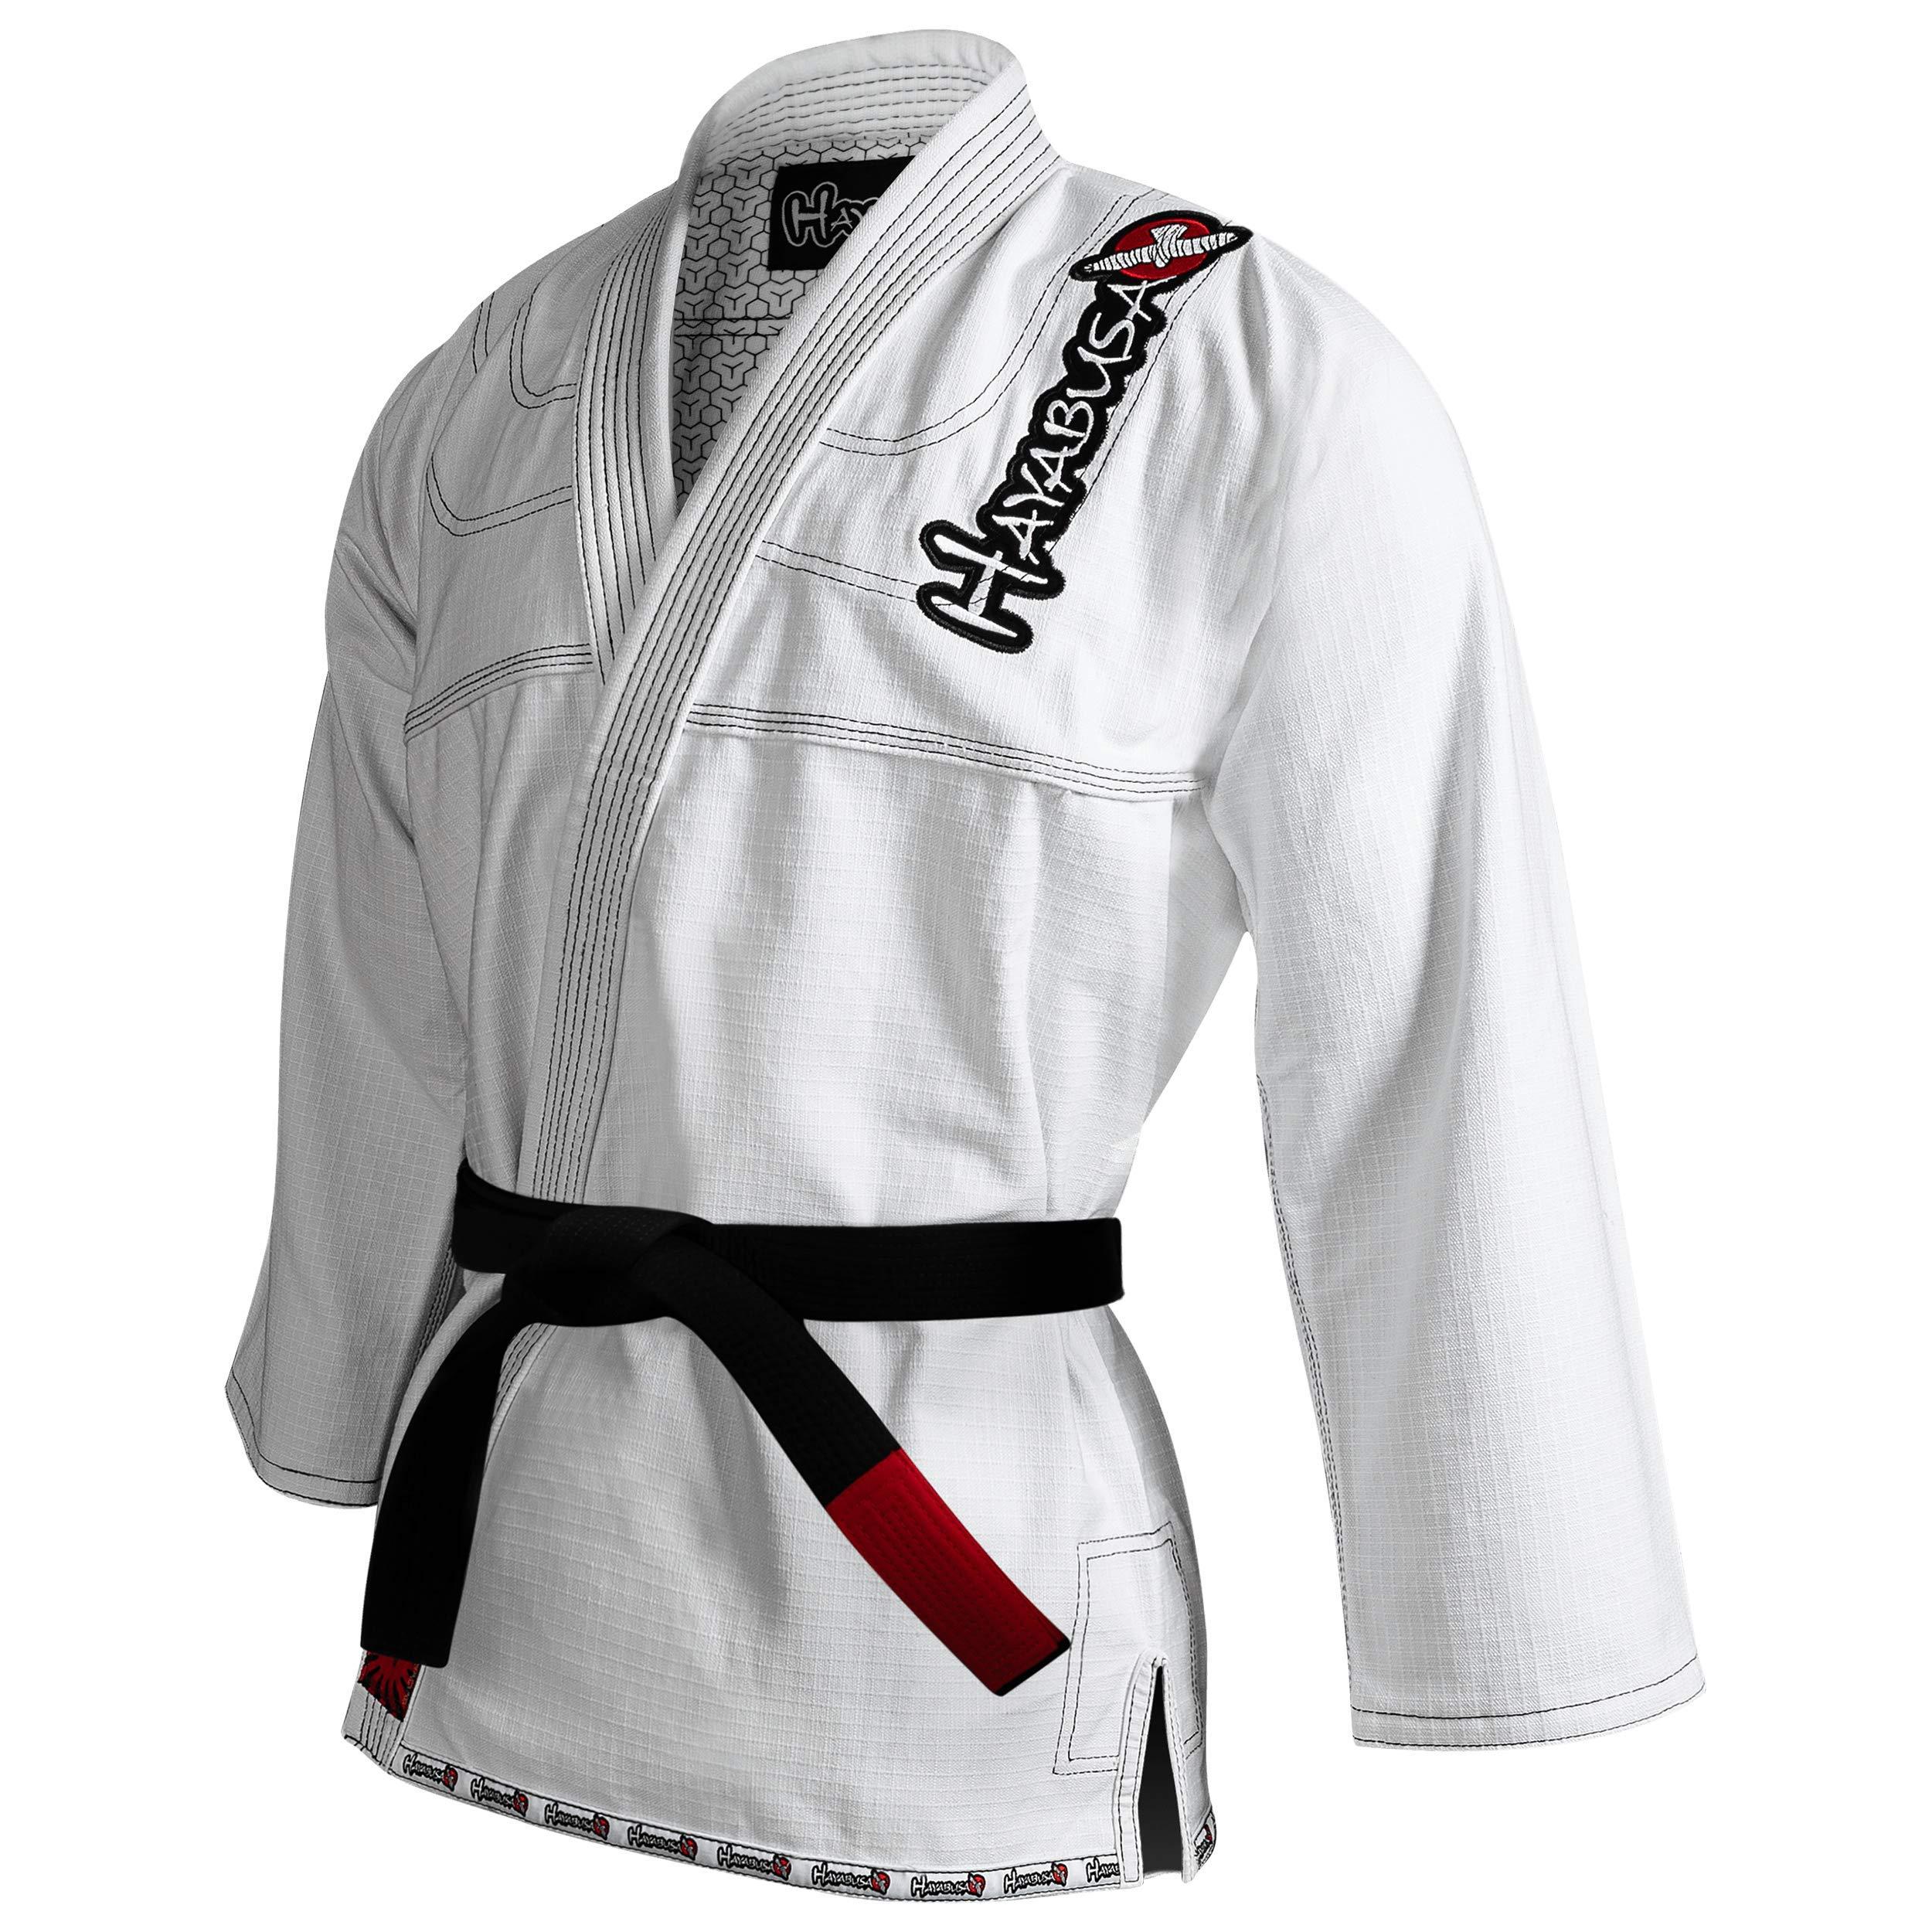 Hayabusa BJJ Gi | Adult Pro Jiu Jitsu Gi - Jacket Only | White, A1 by Hayabusa